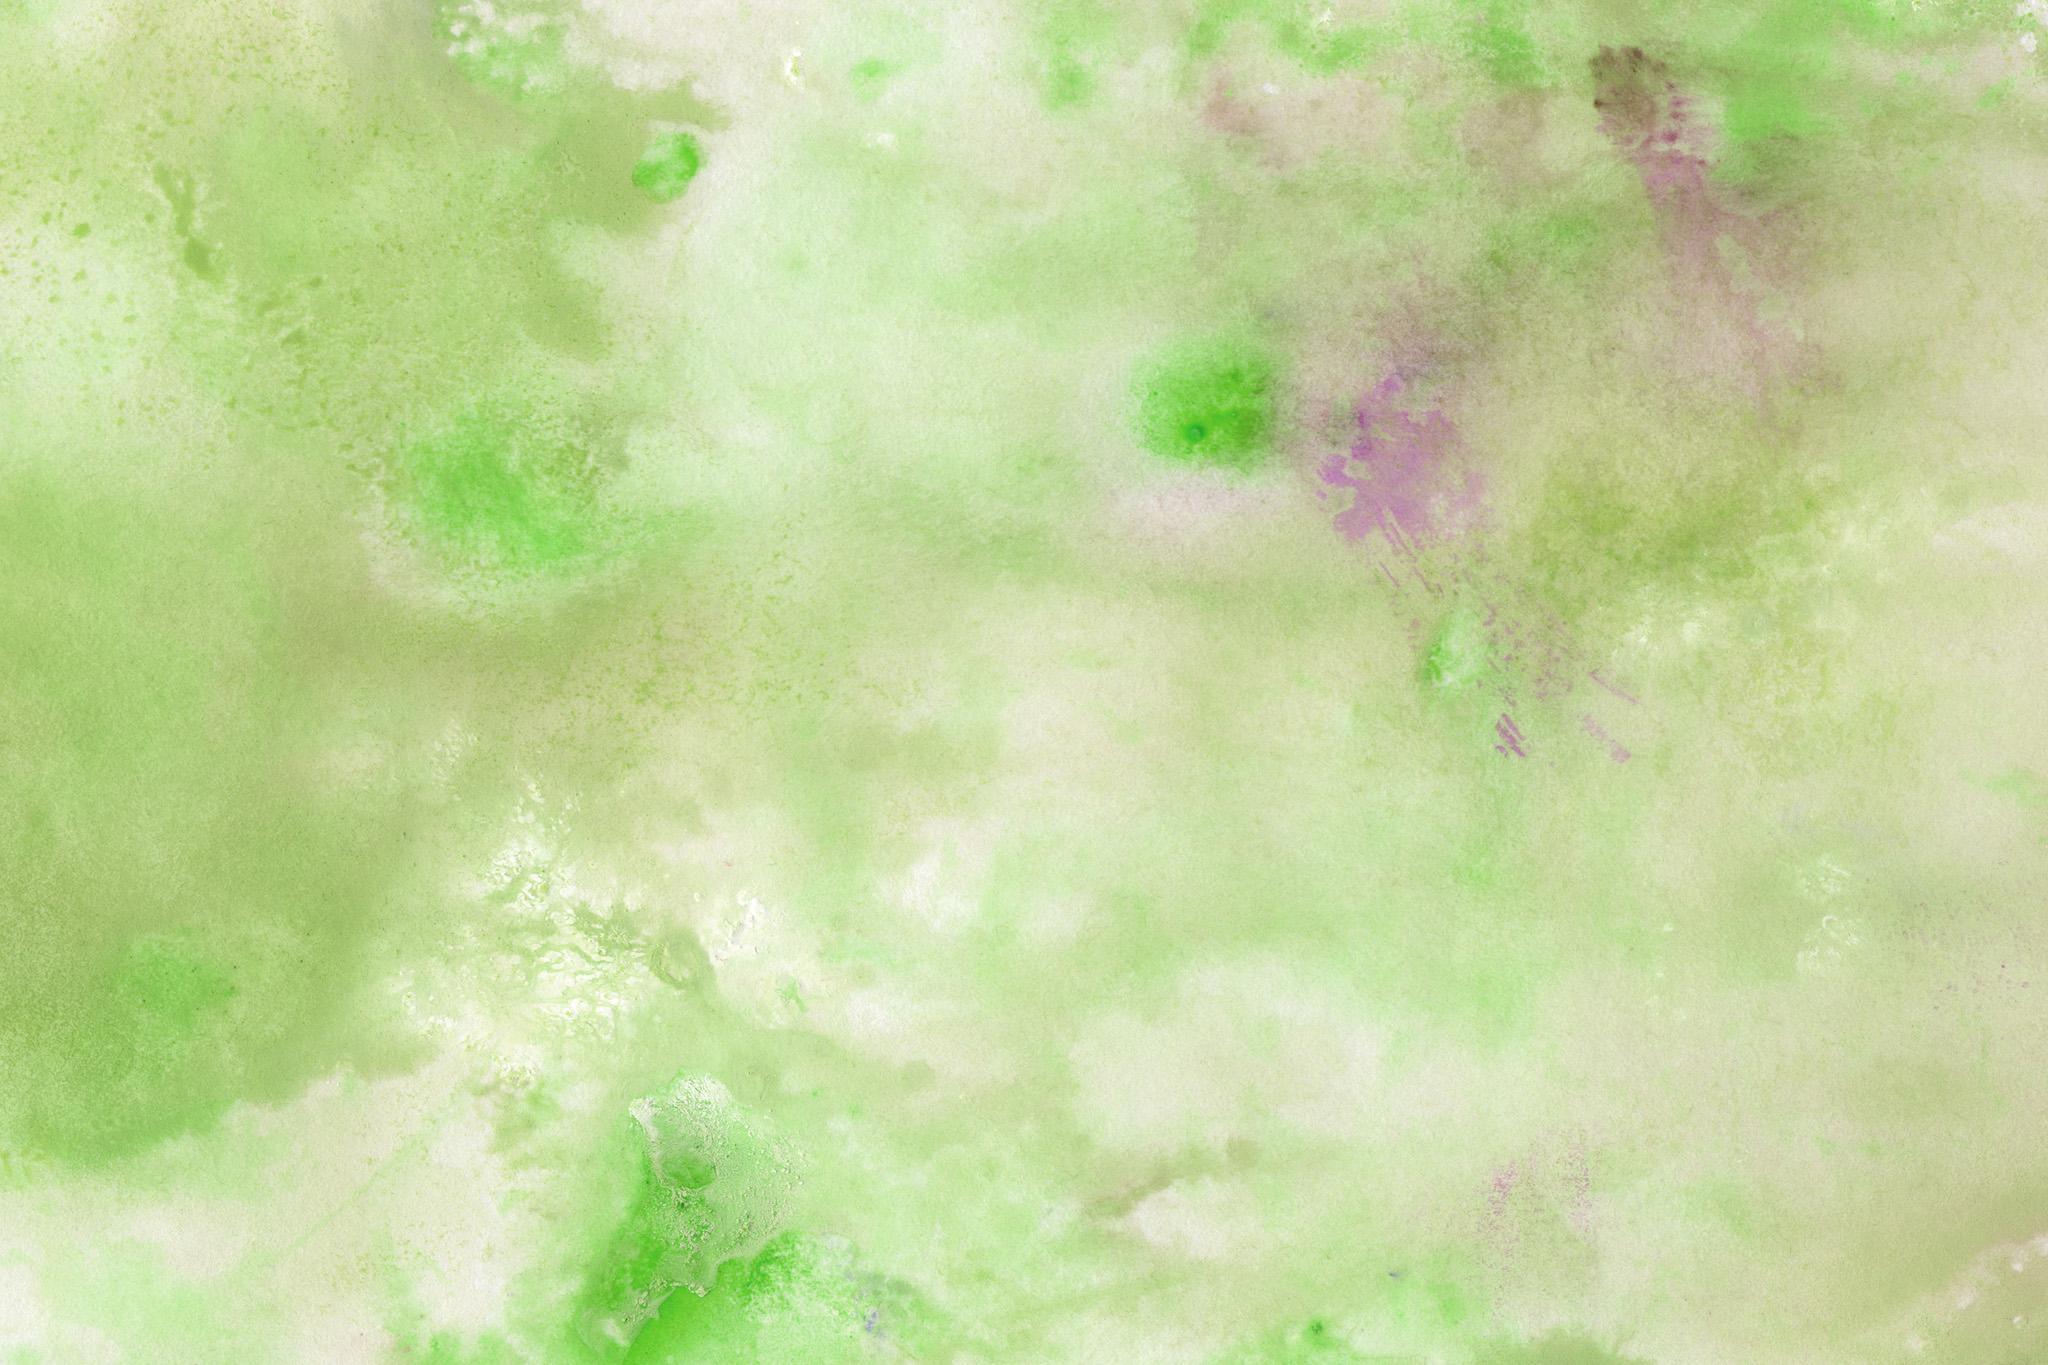 「野原のような水彩模様の背景」